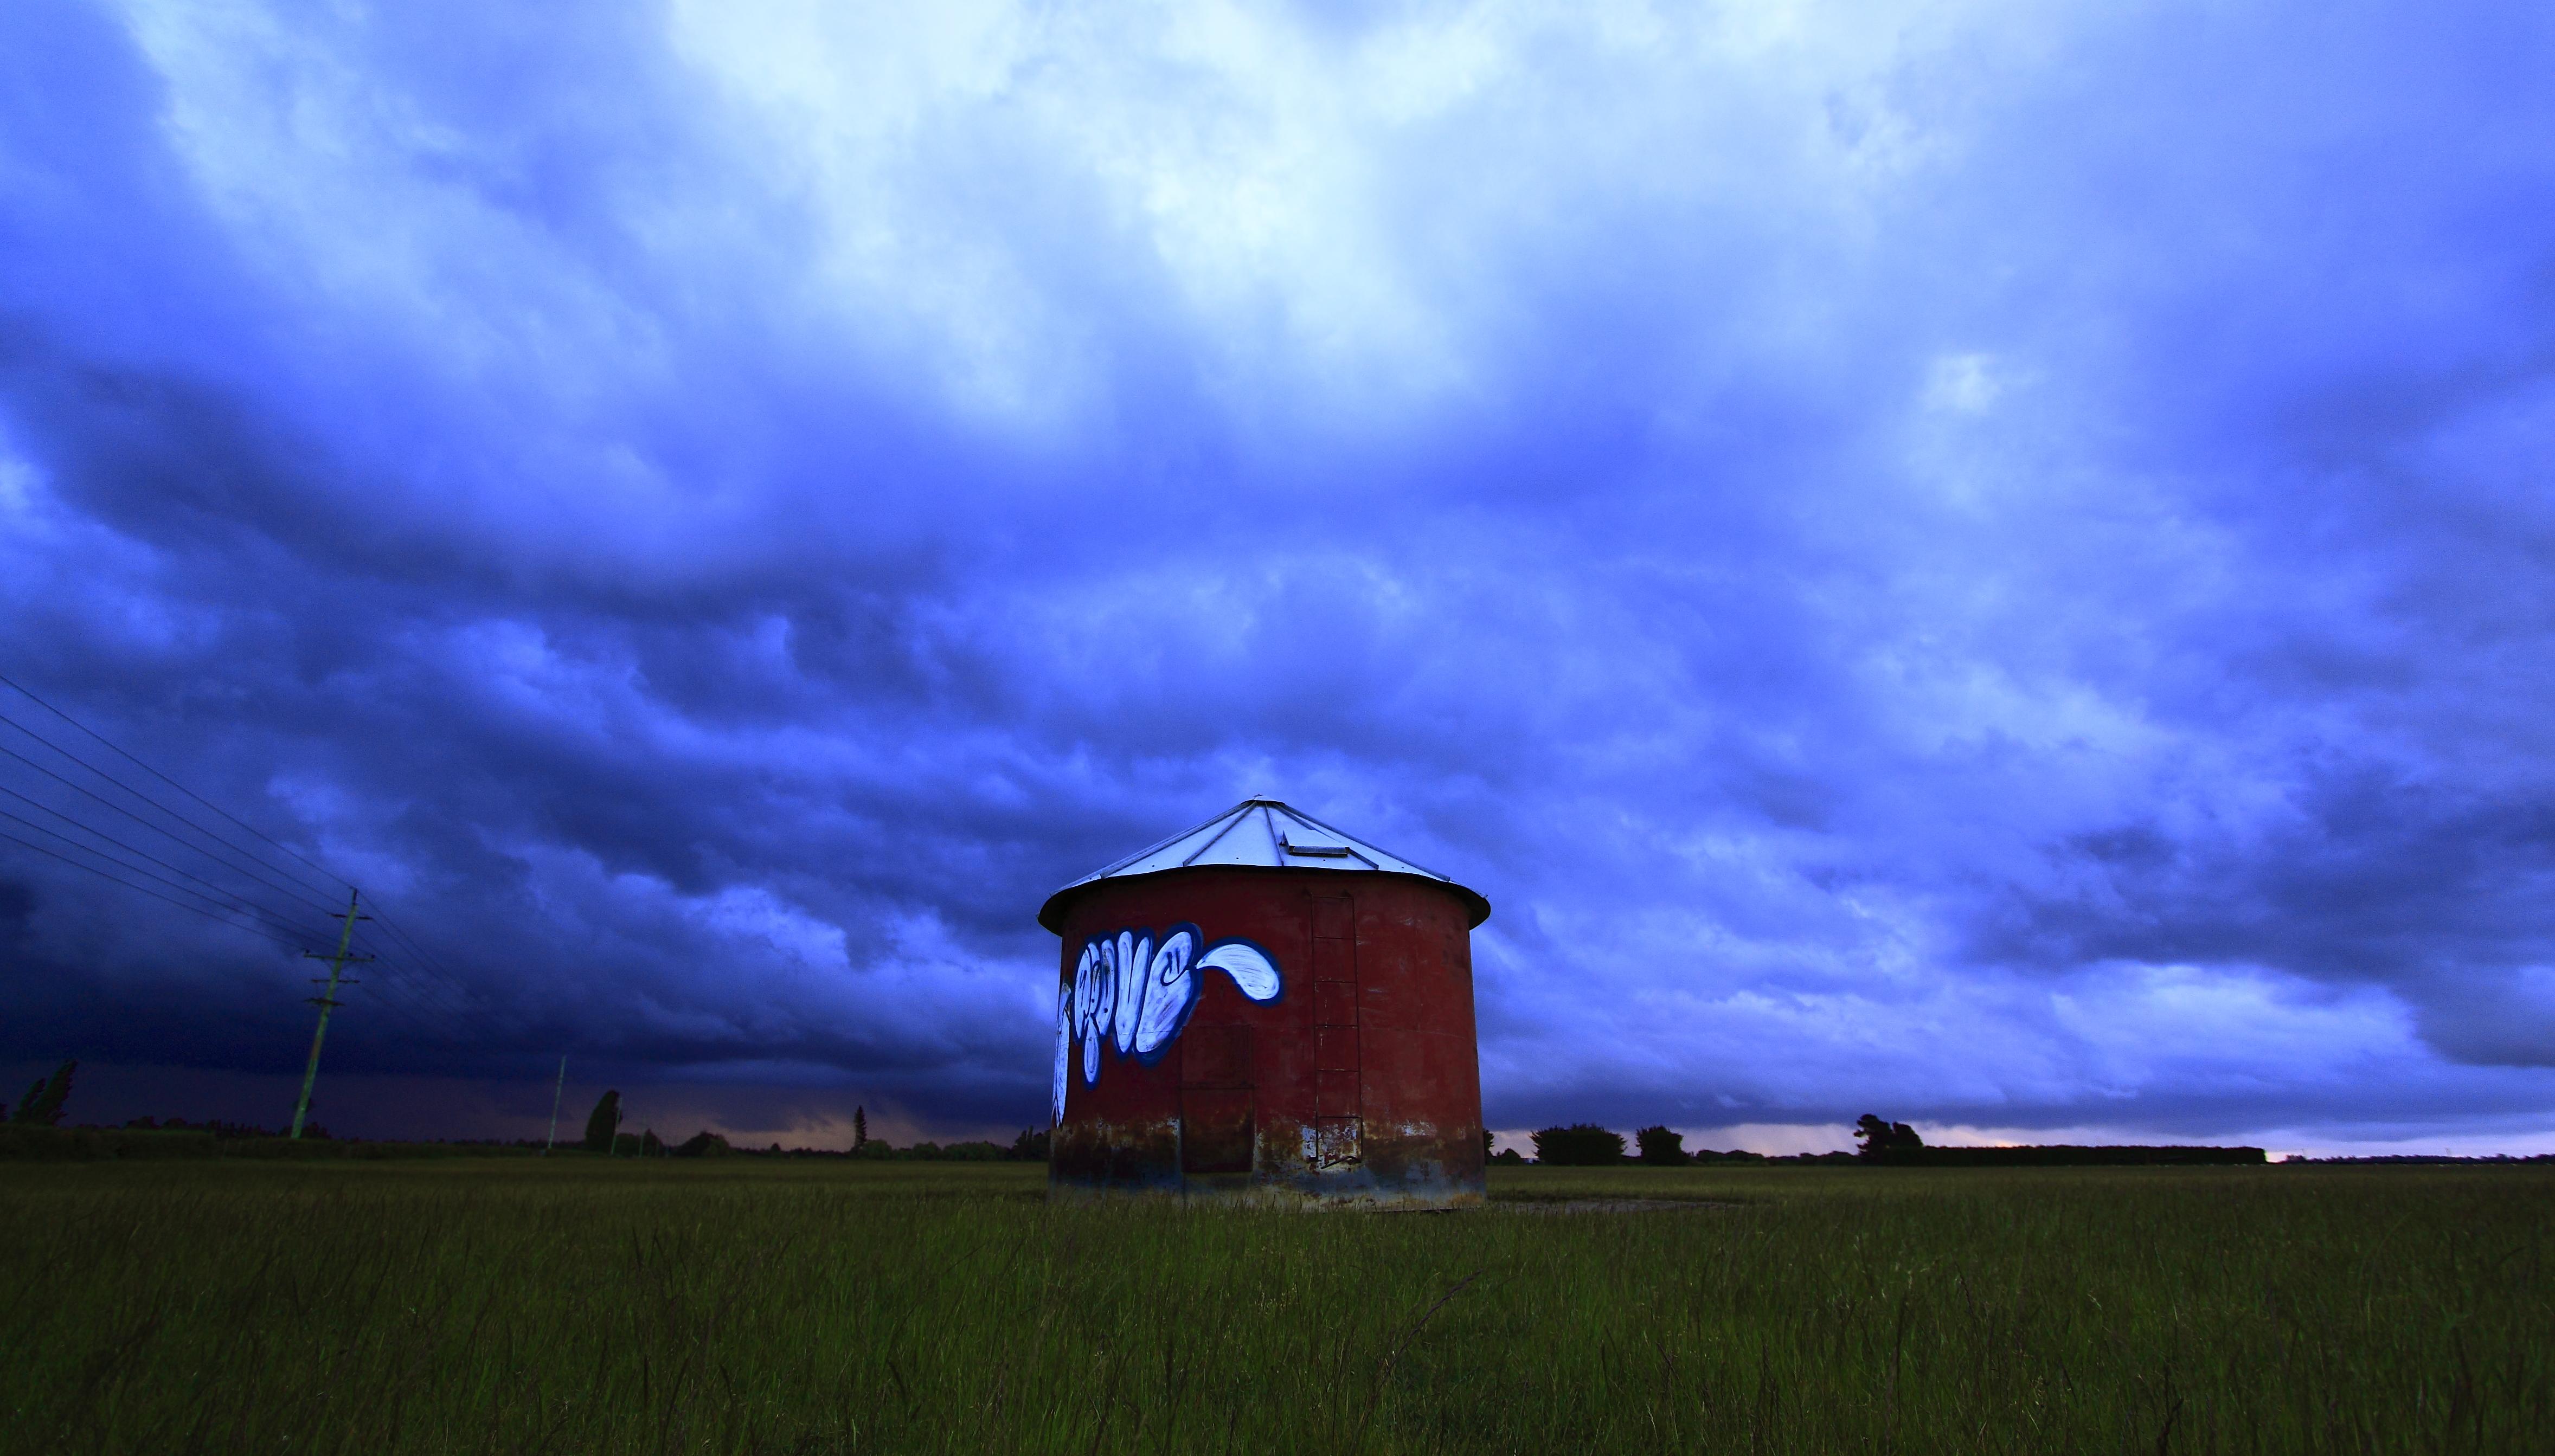 Threatening Sky over silo